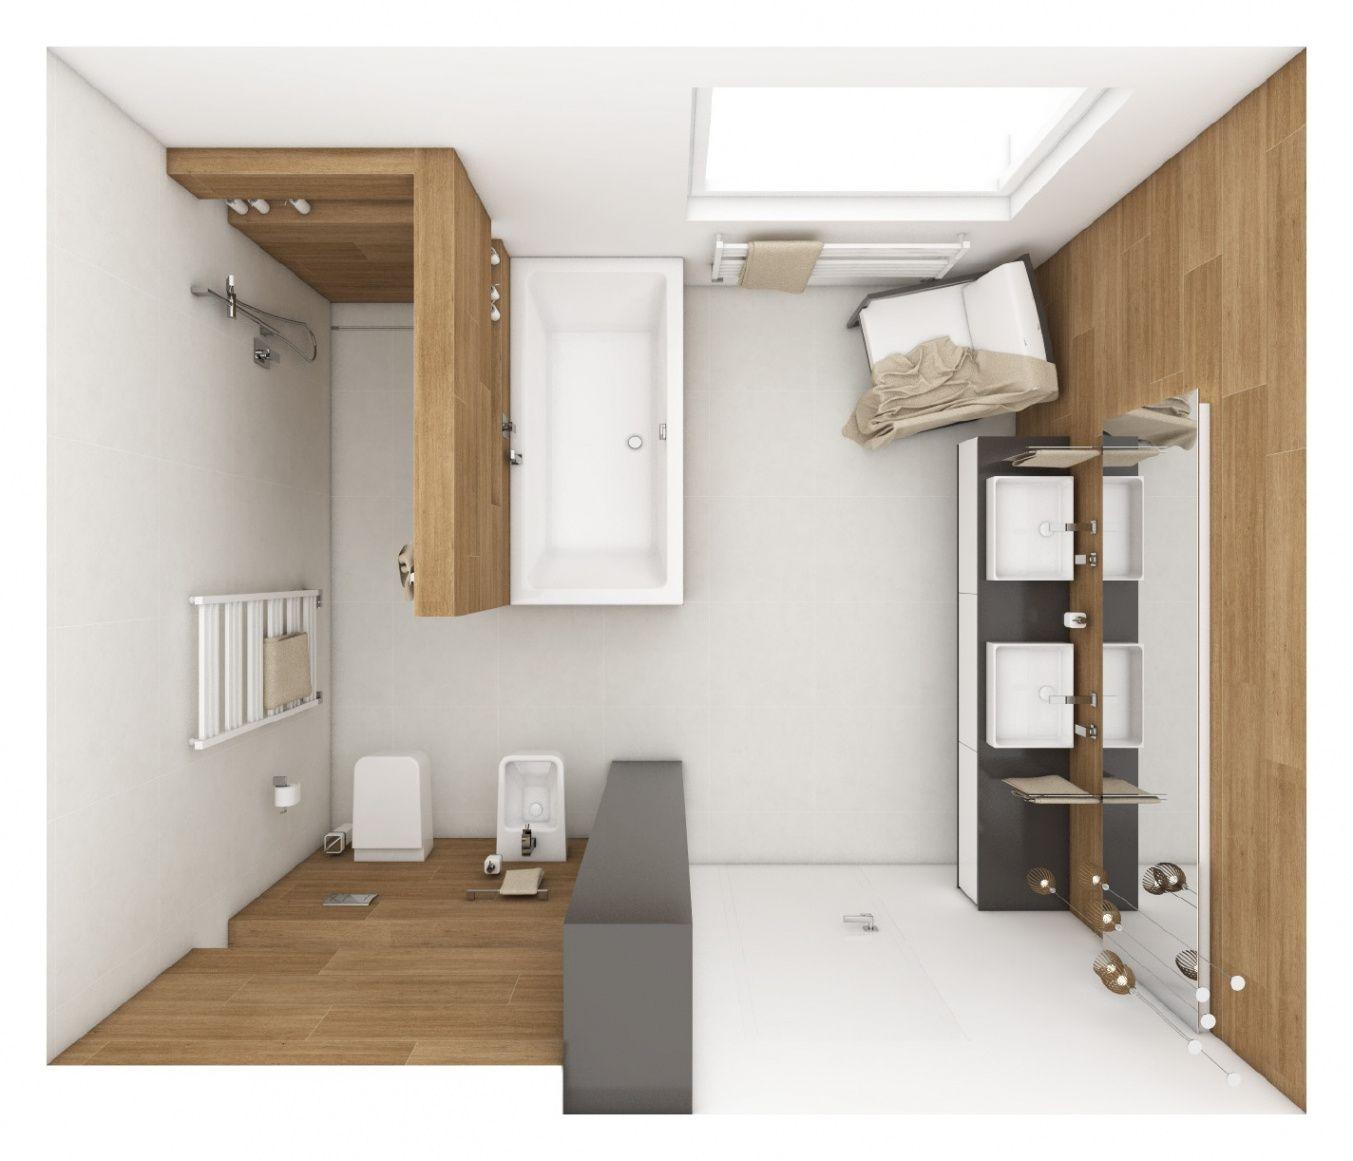 Pin Von Dana Auf Sims 4 Bad Grundriss Badezimmer Grundriss Einzigartige Grundrisse